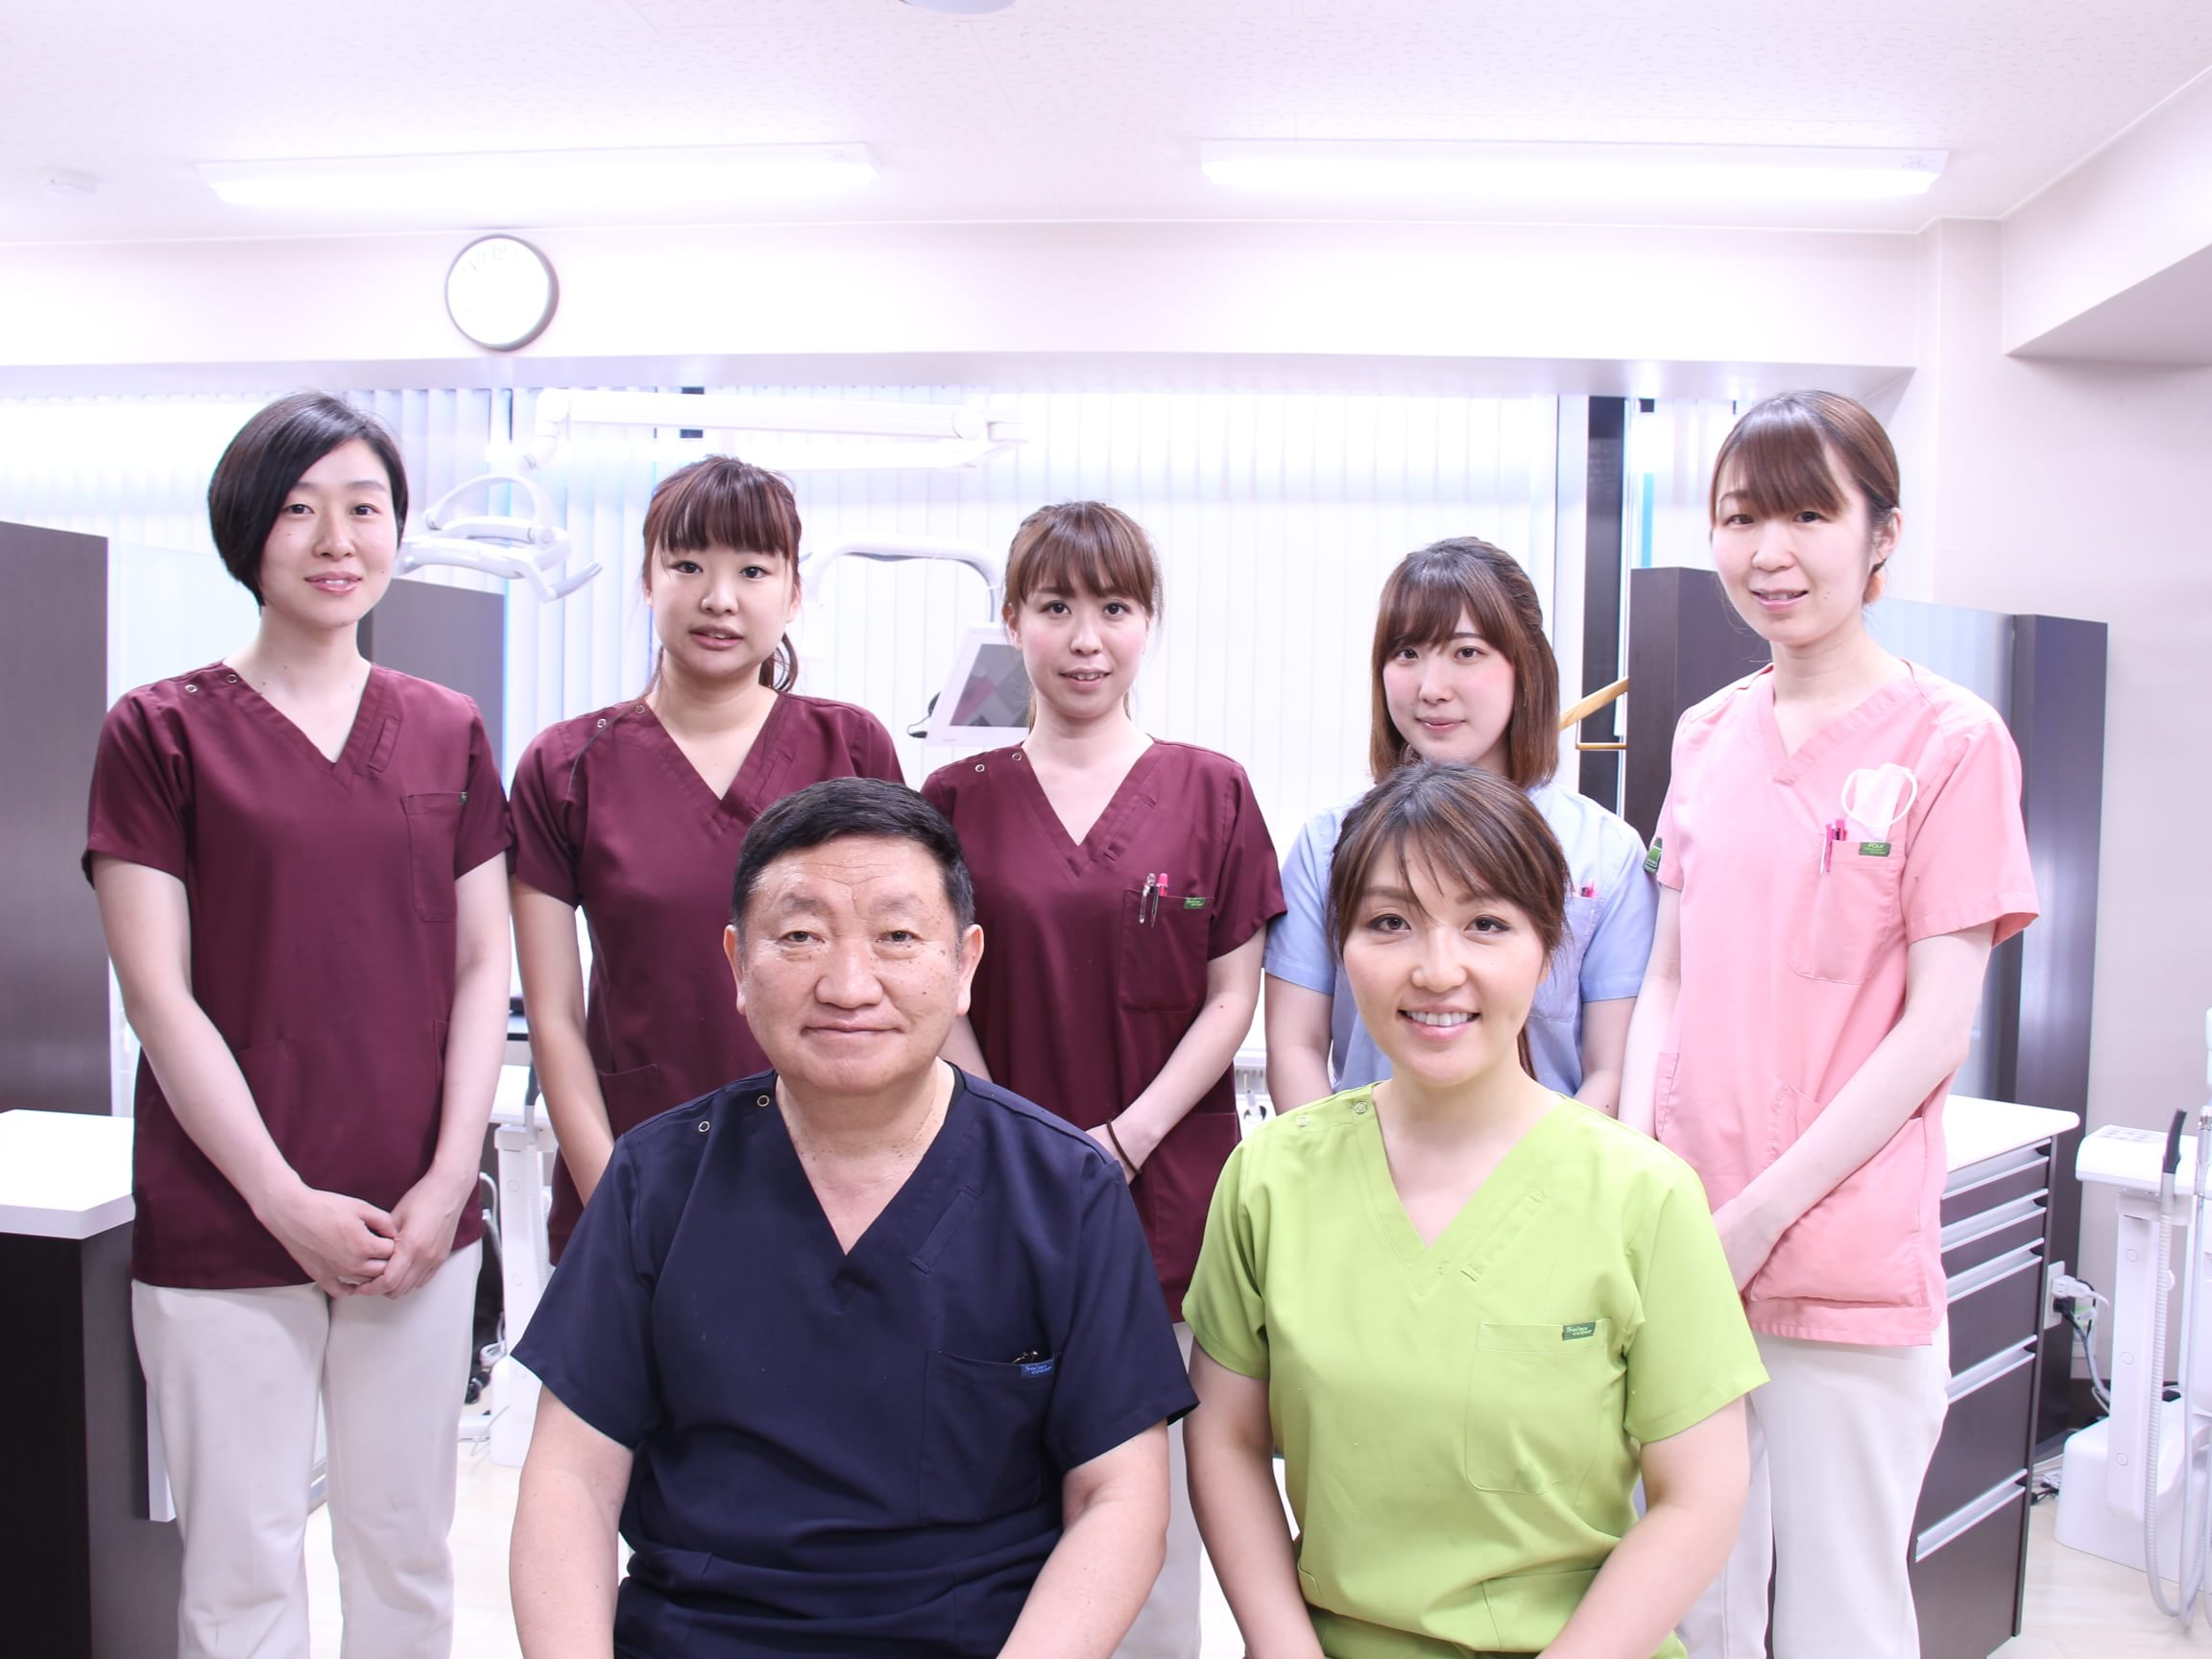 西川口駅近辺の歯科・歯医者「西川口歯科クリニック」